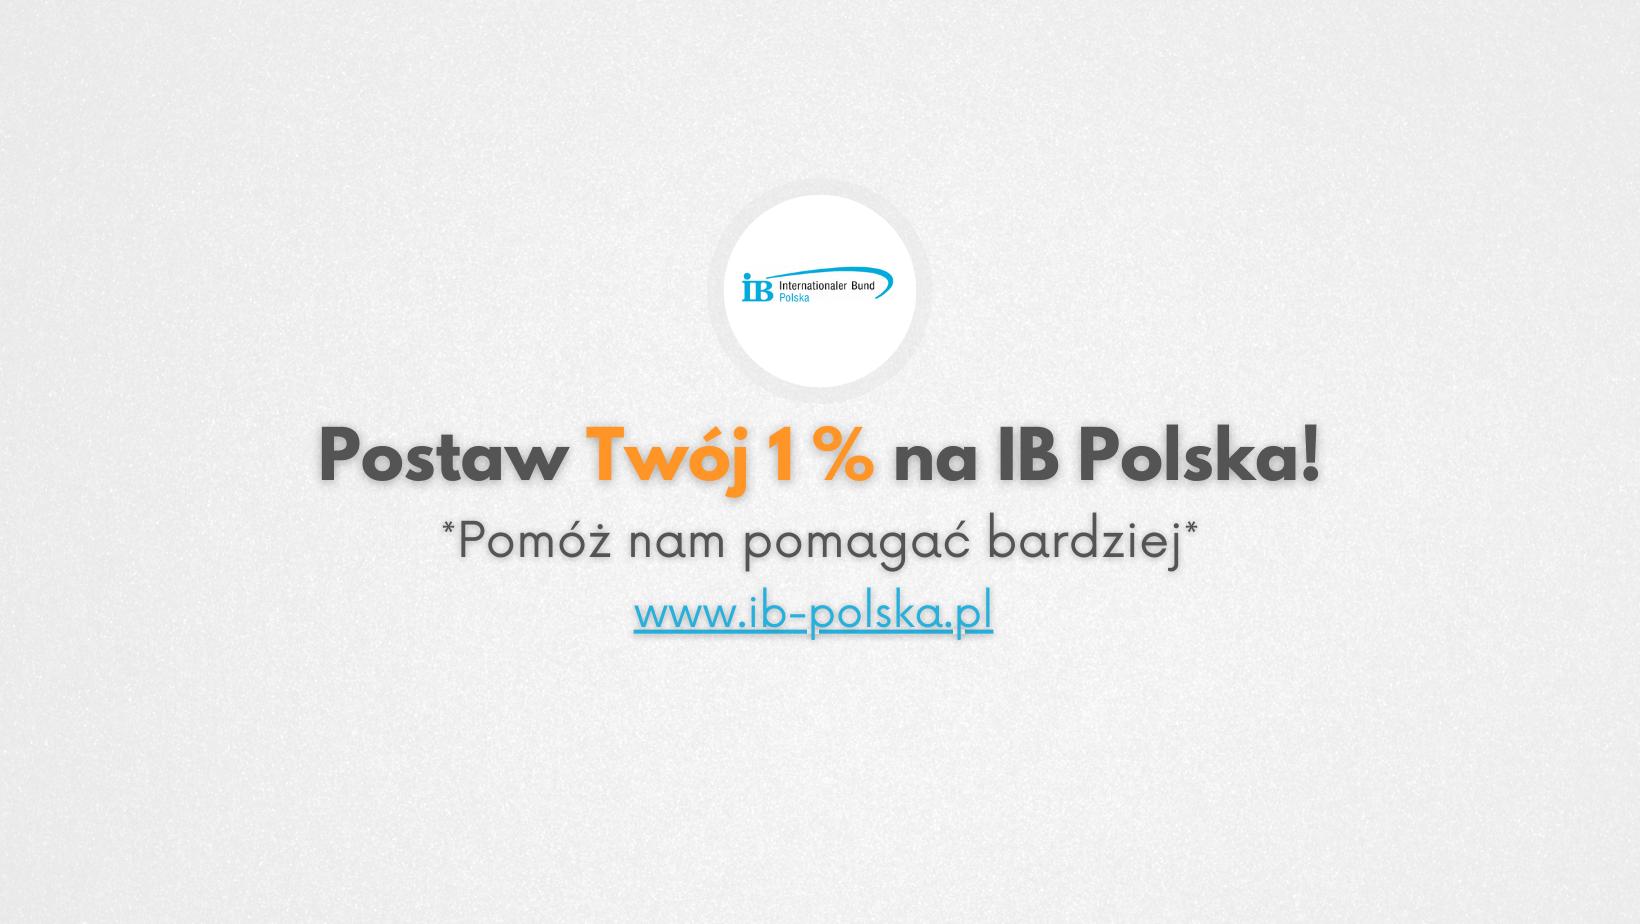 Kampania 1 procent - Postaw Twój 1% na IB Polska - Pomóż nam pomagać bardziej!